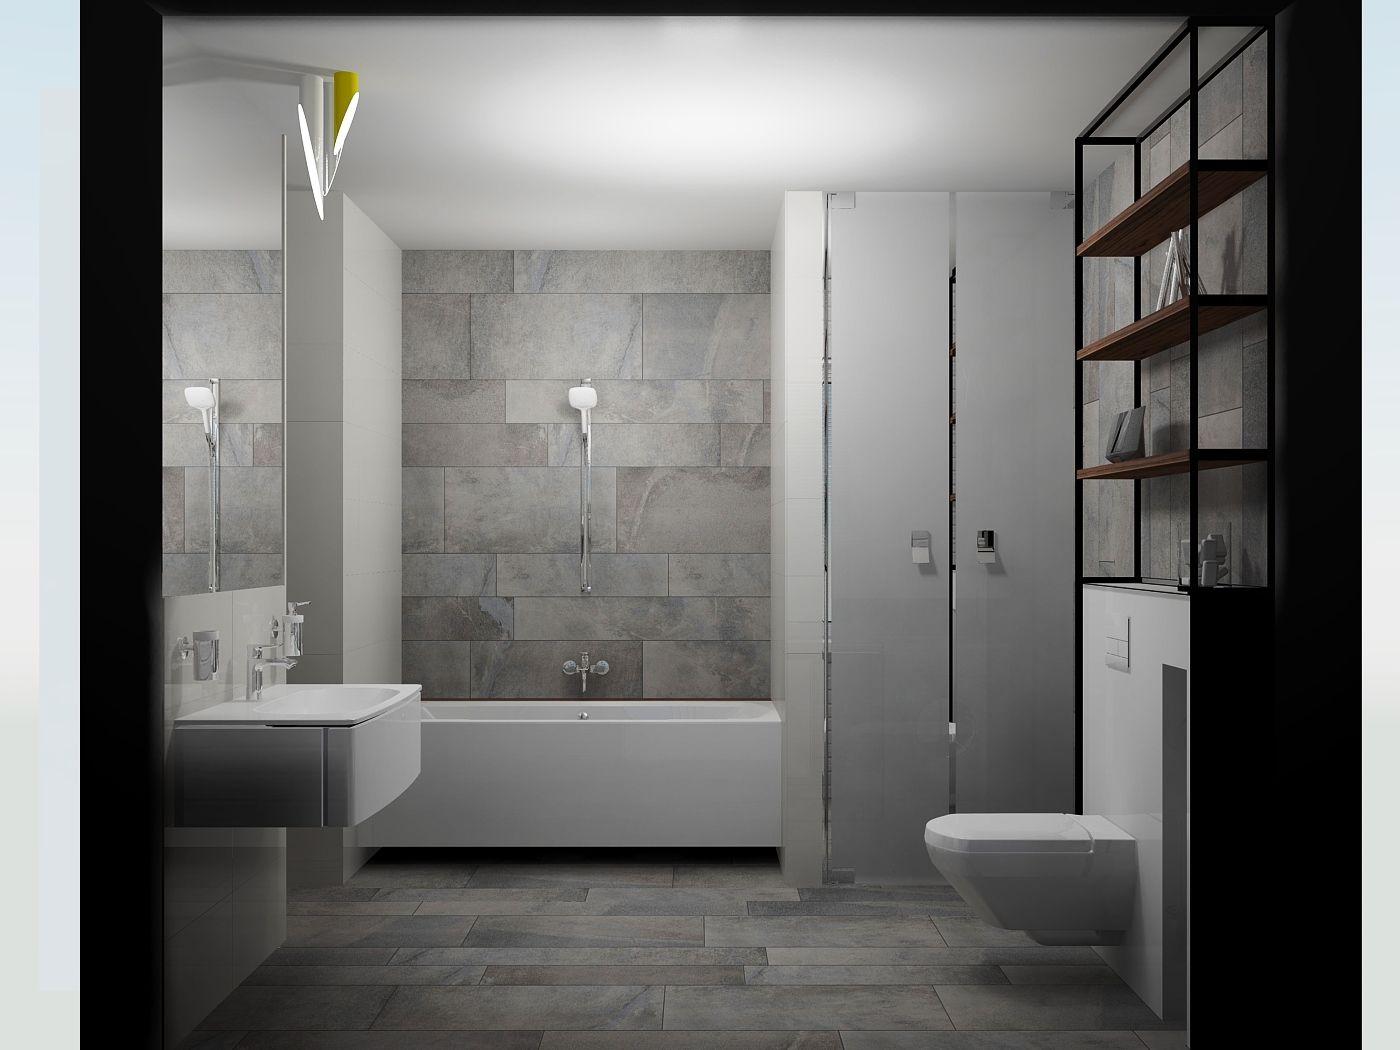 Slaapkamer En Suite : Bad in nis slaapkamer en suite volcano bathroom by szép otthon pápa